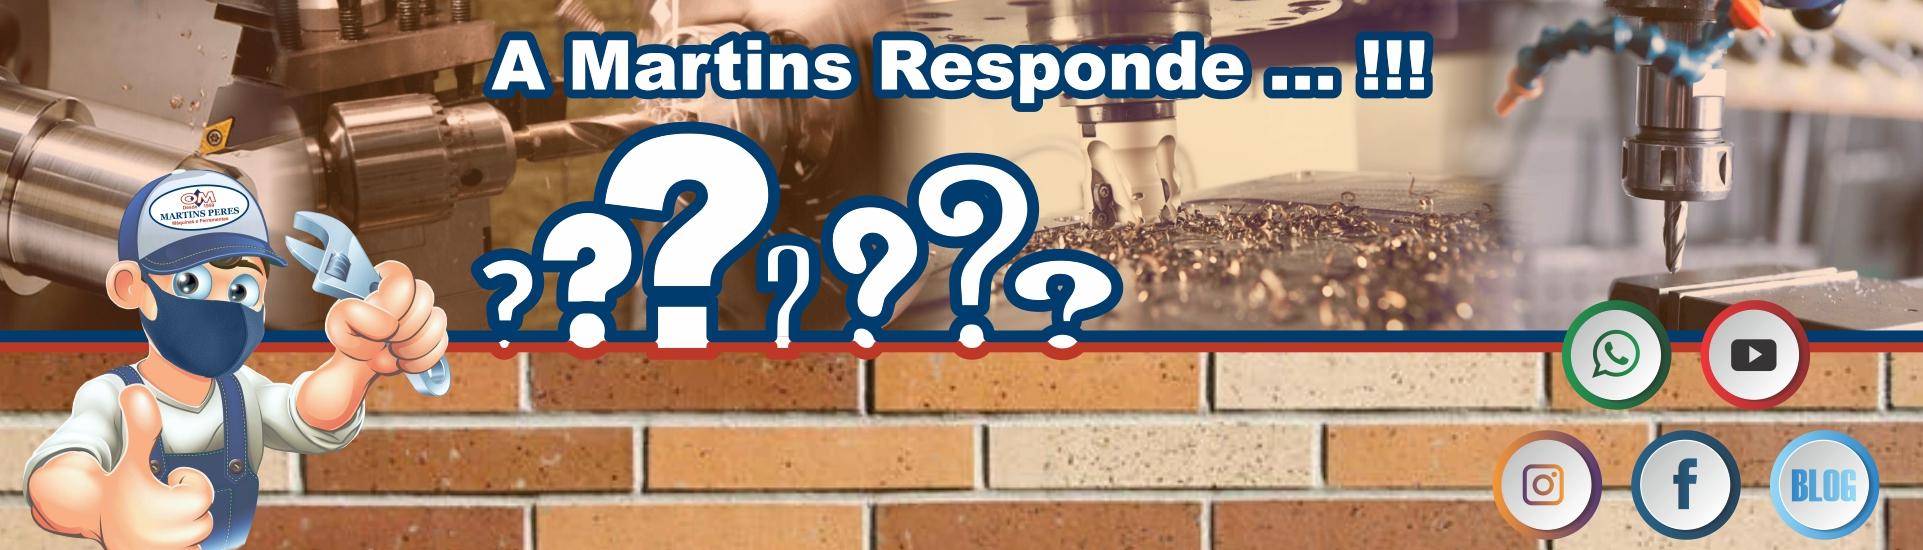 A Martins Responde